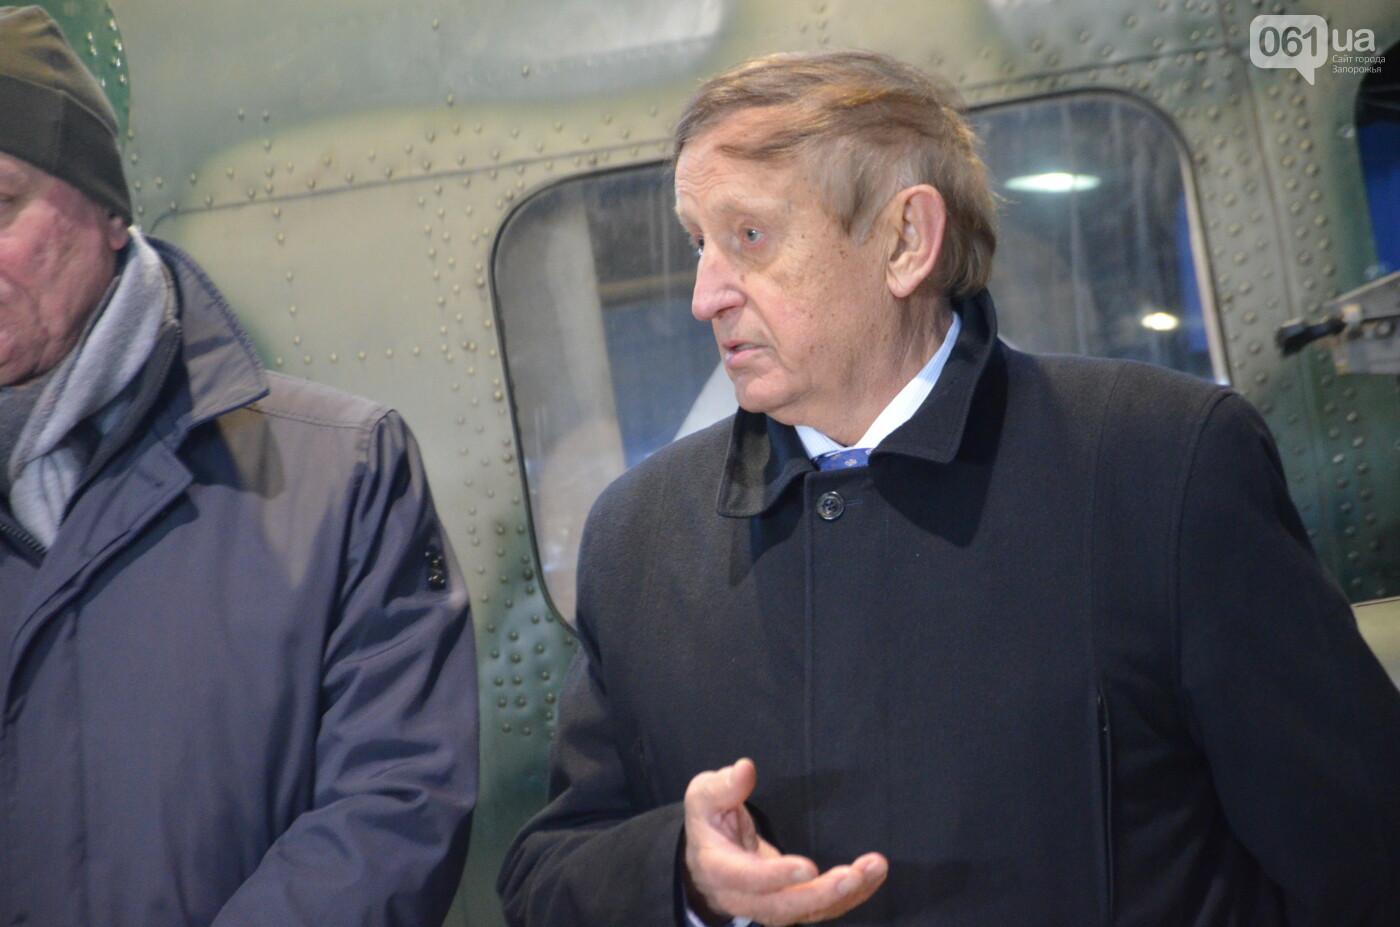 В Запорожье прошли первые испытания новых лопастей для военных вертолетов, - ФОТО, фото-4